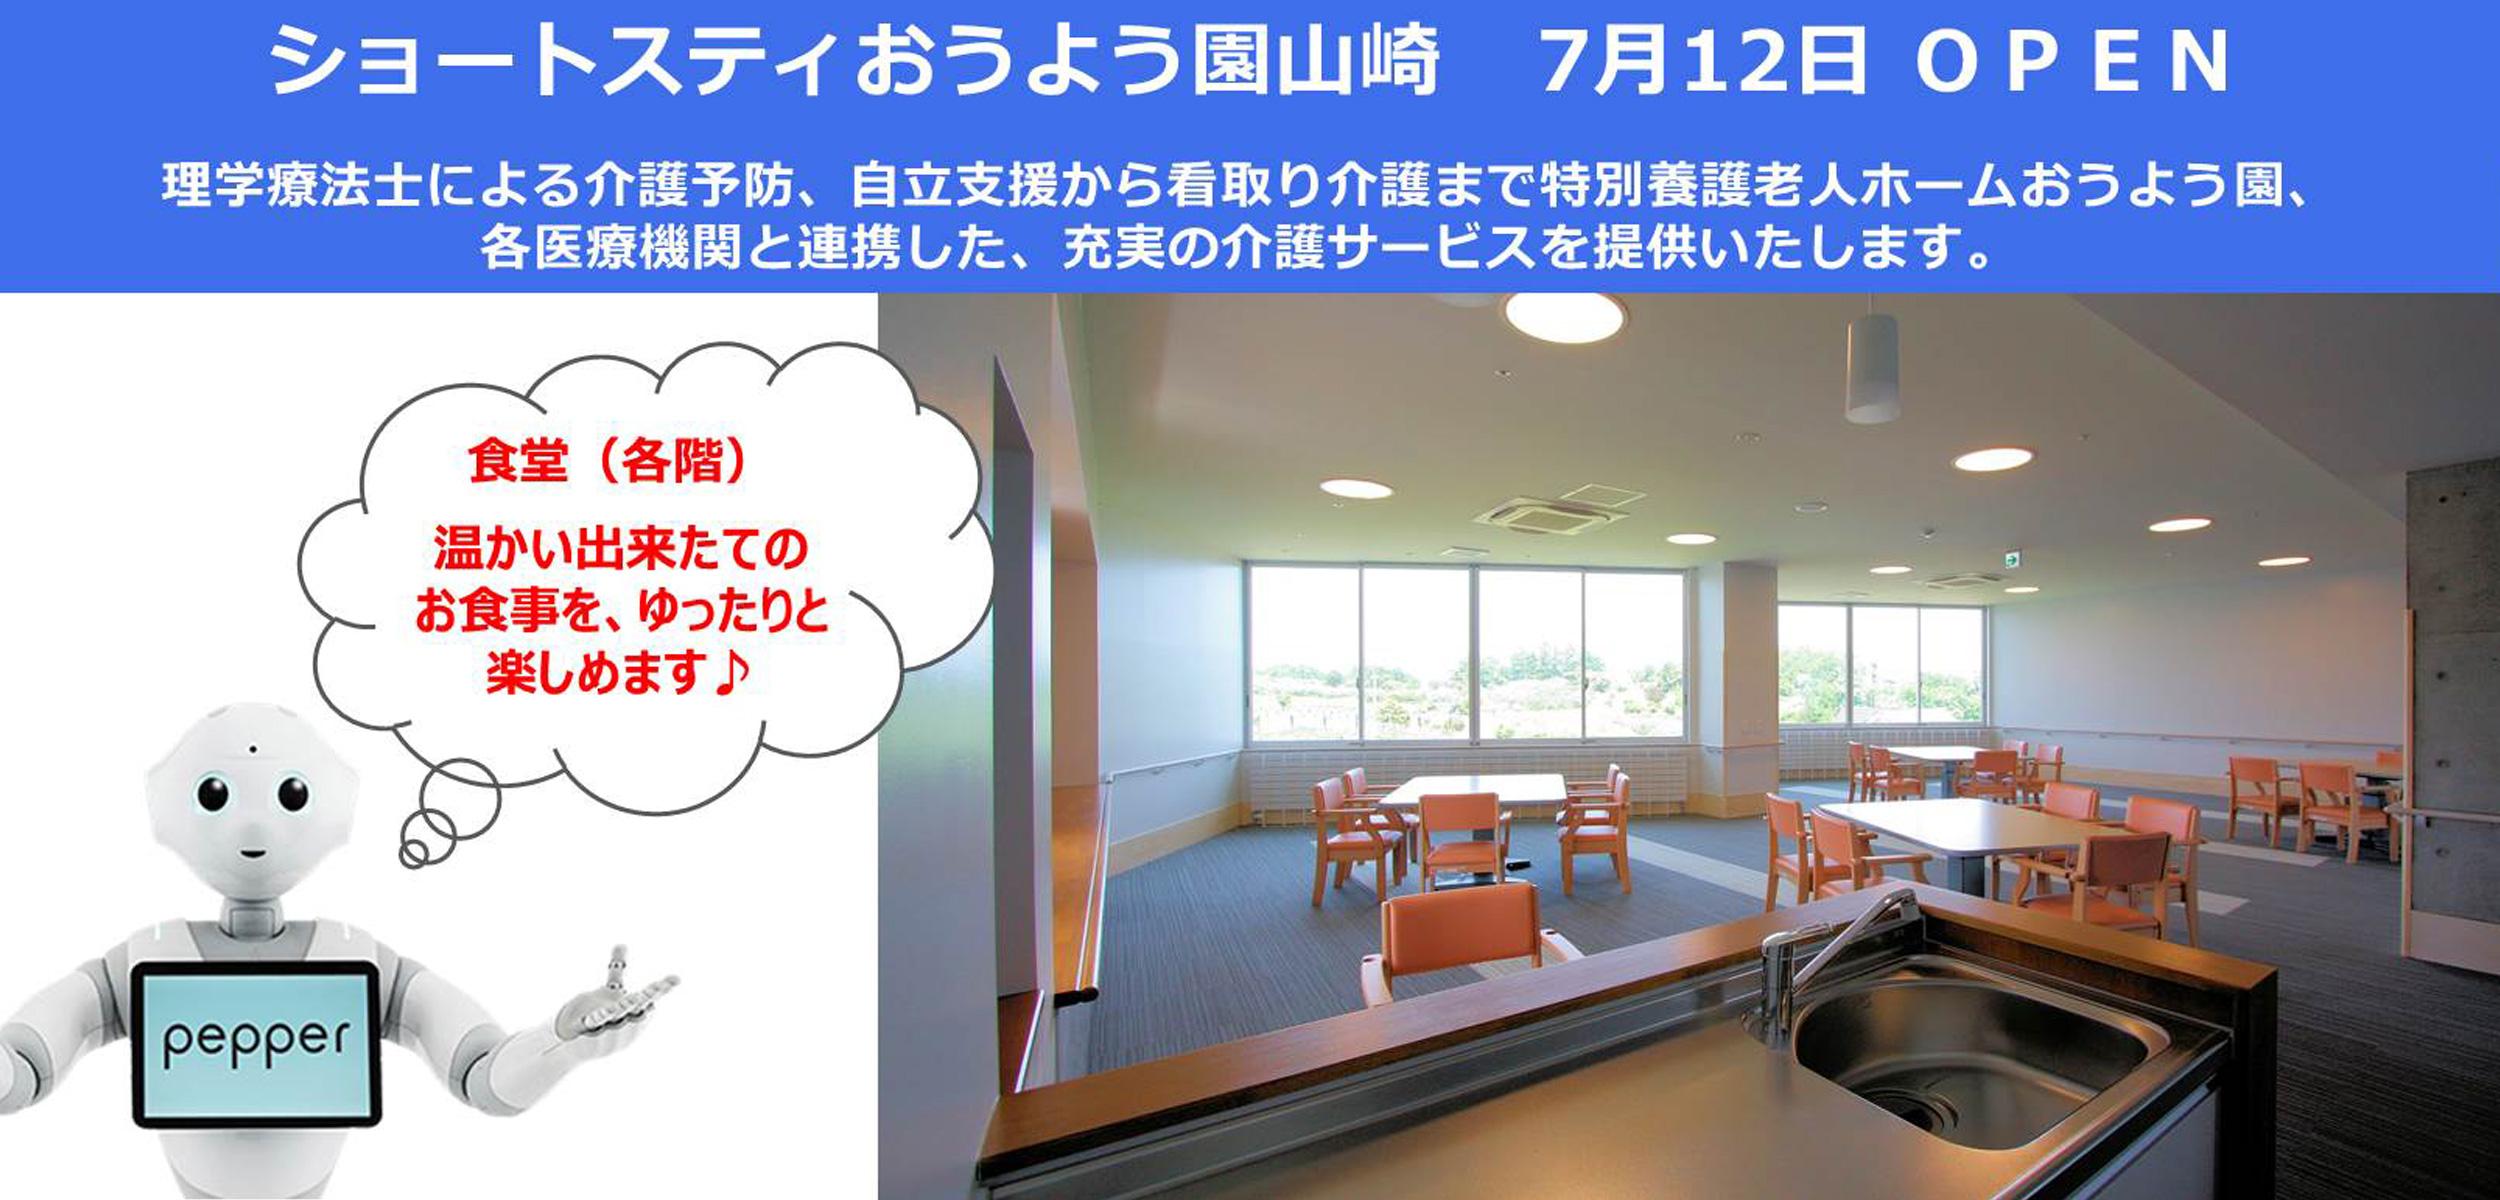 ショートスティおうよう園山崎、食堂では出来たての食事をゆったりと楽しめます